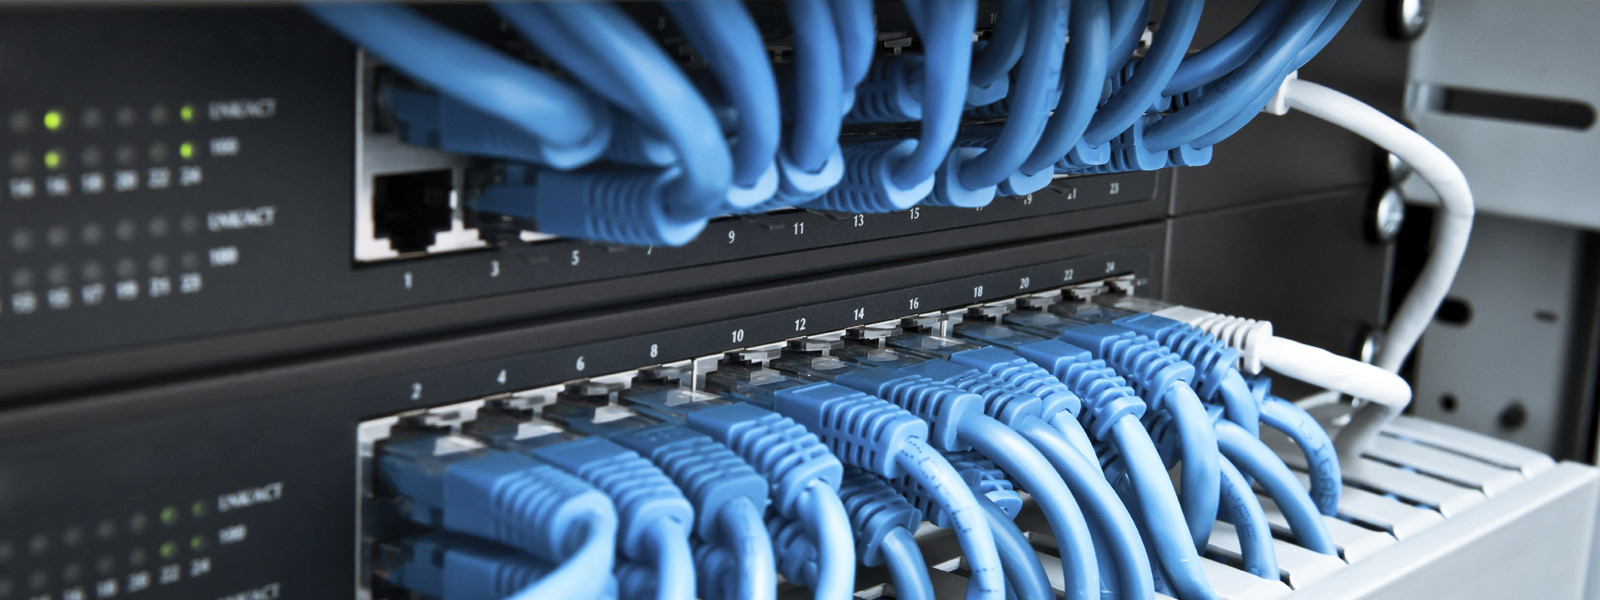 Registro de dominios, Hosting alojamiento web, servicio de correo